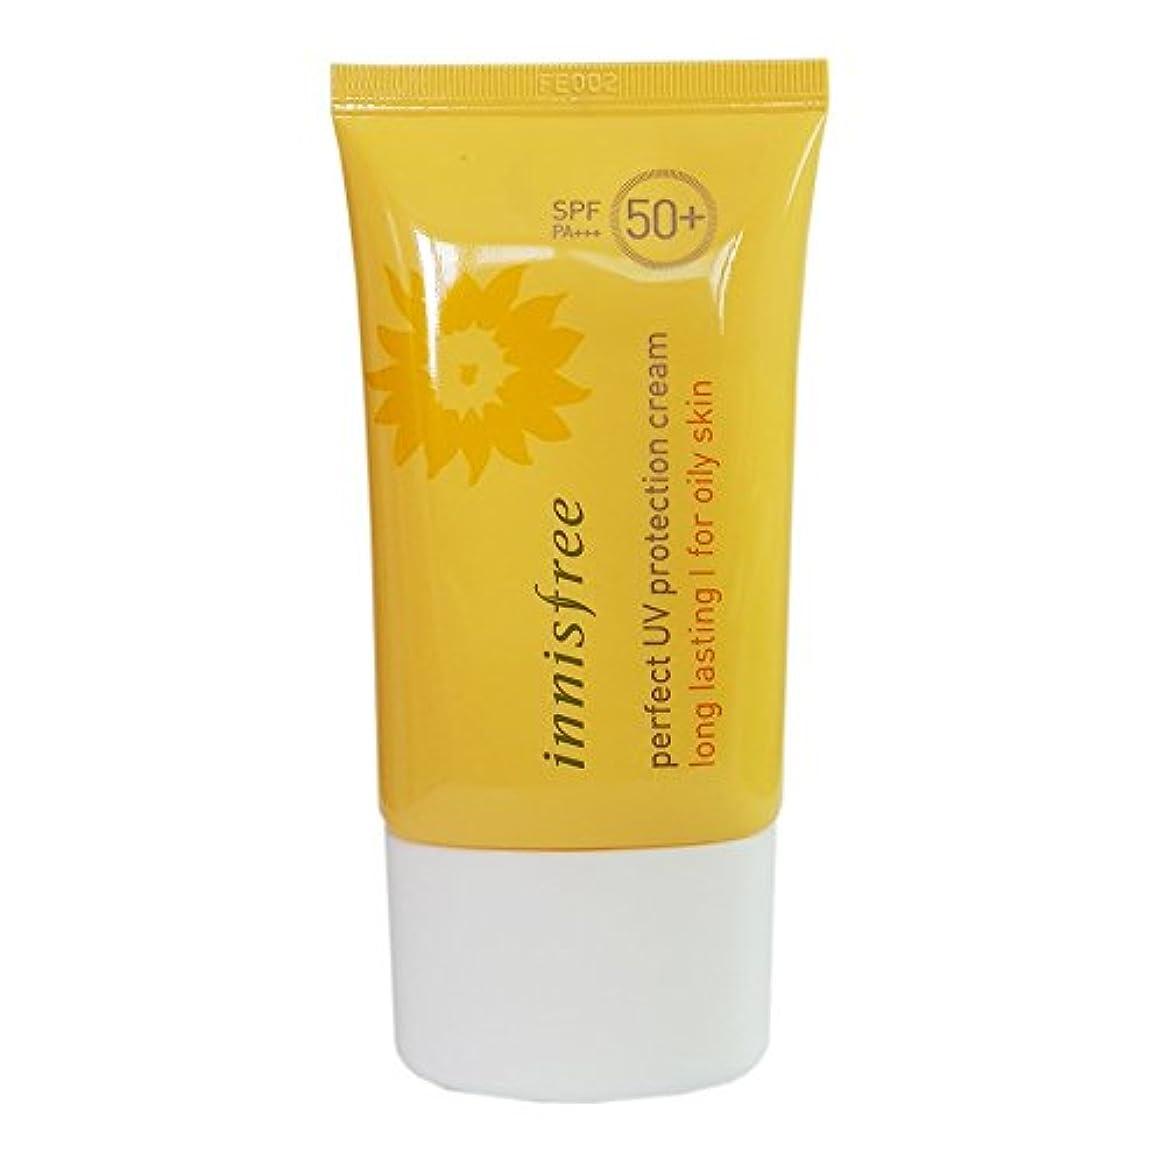 スキャンダラス南極流用する[イニスプリー]Innisfree パーフェクトUVプロテクションクリームロング?ラスティング 脂複合性肌用 SPF50+PA+++ 50ml Innisfree Perfect UV Protection Cream...